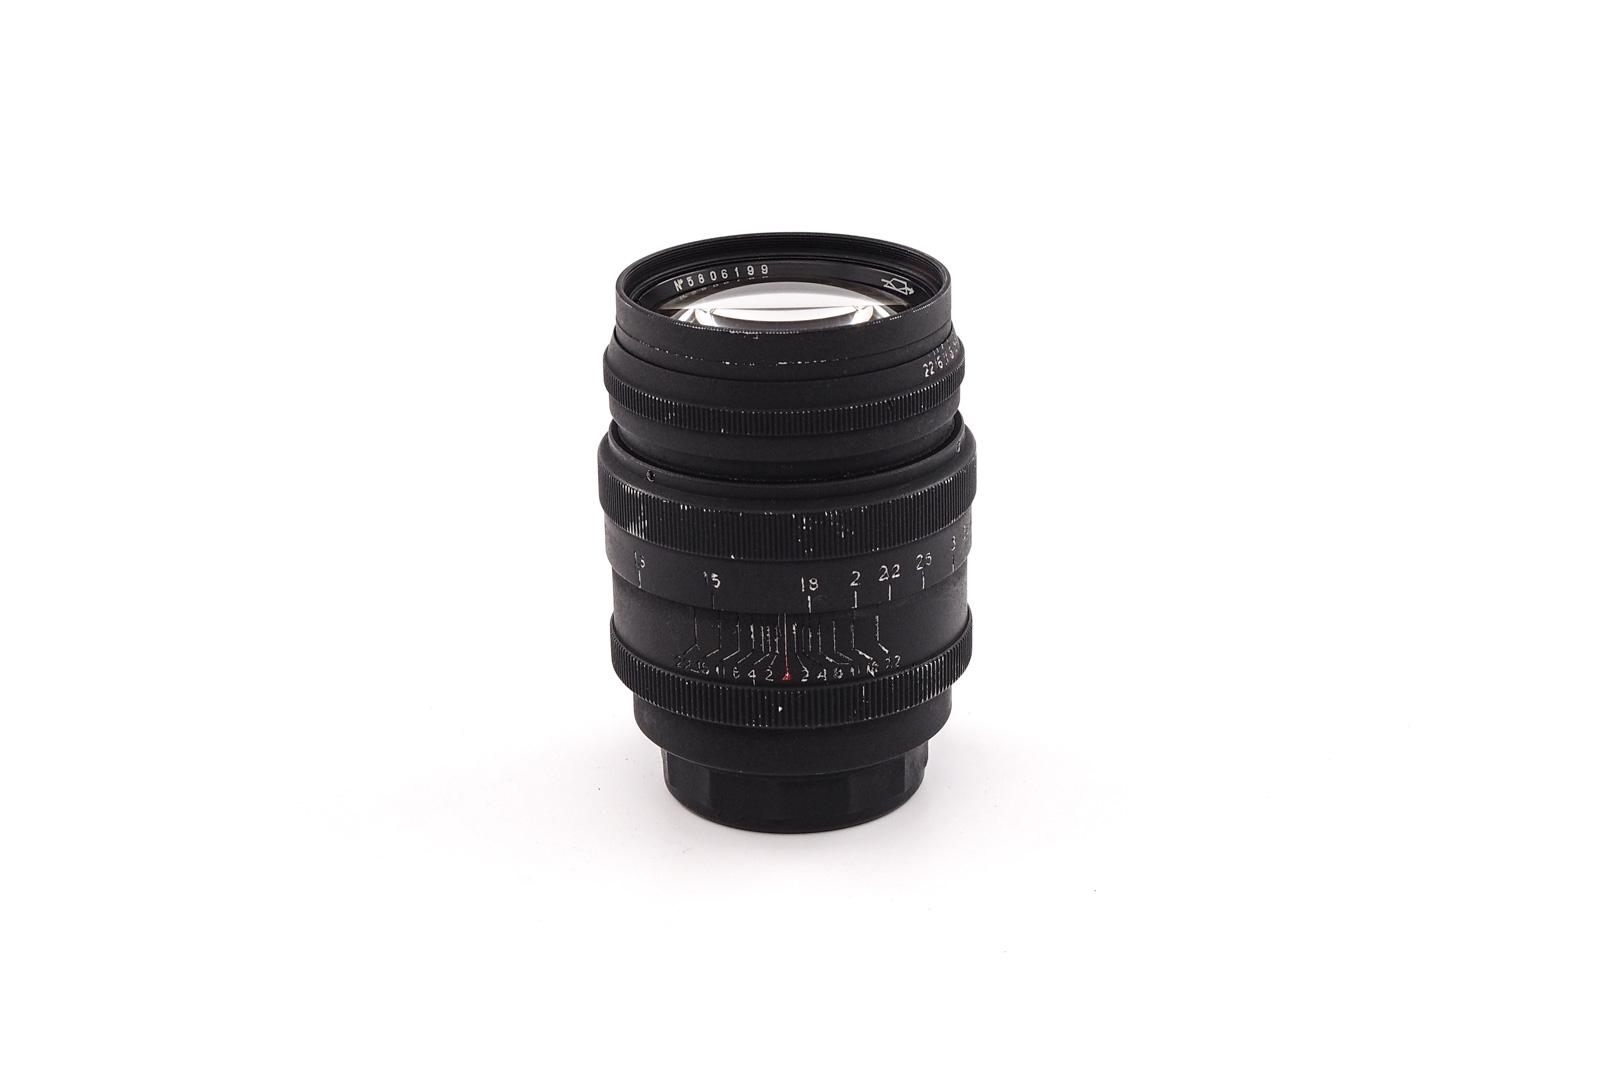 KMZ Jupiter-9 1:2/85mm